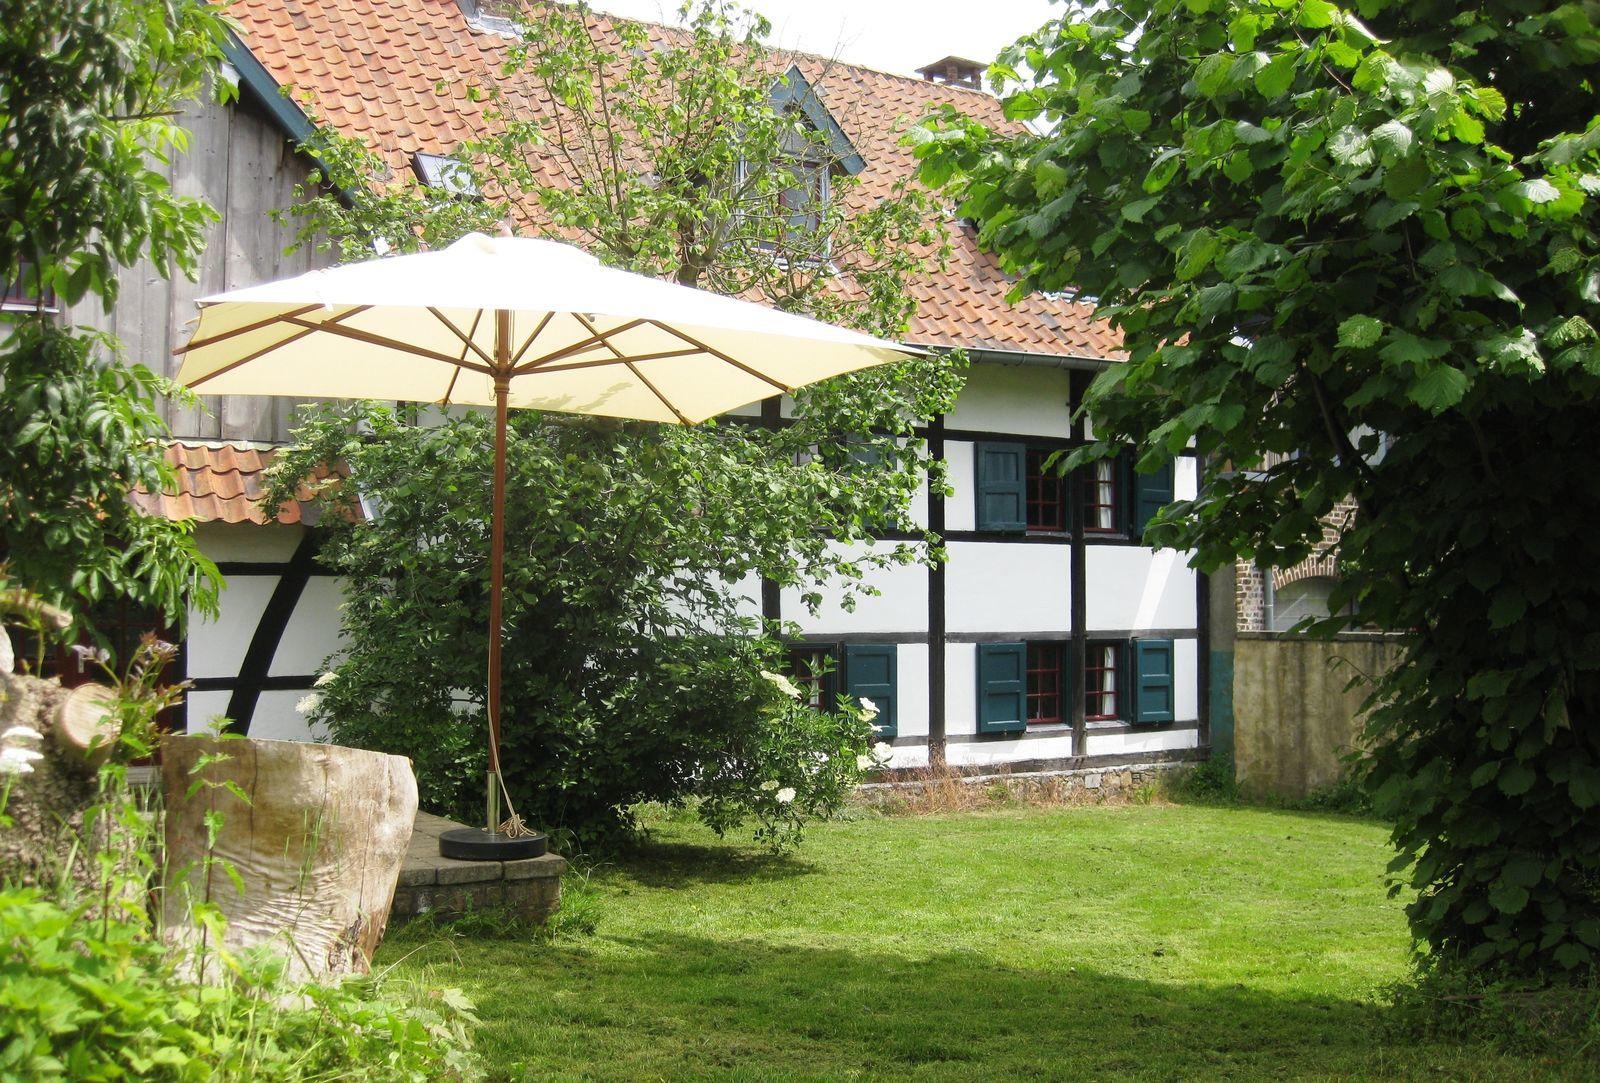 Vakwerkhuis schuur weekendje weg in limburg voor groepen for Weekendje weg huisje open haard